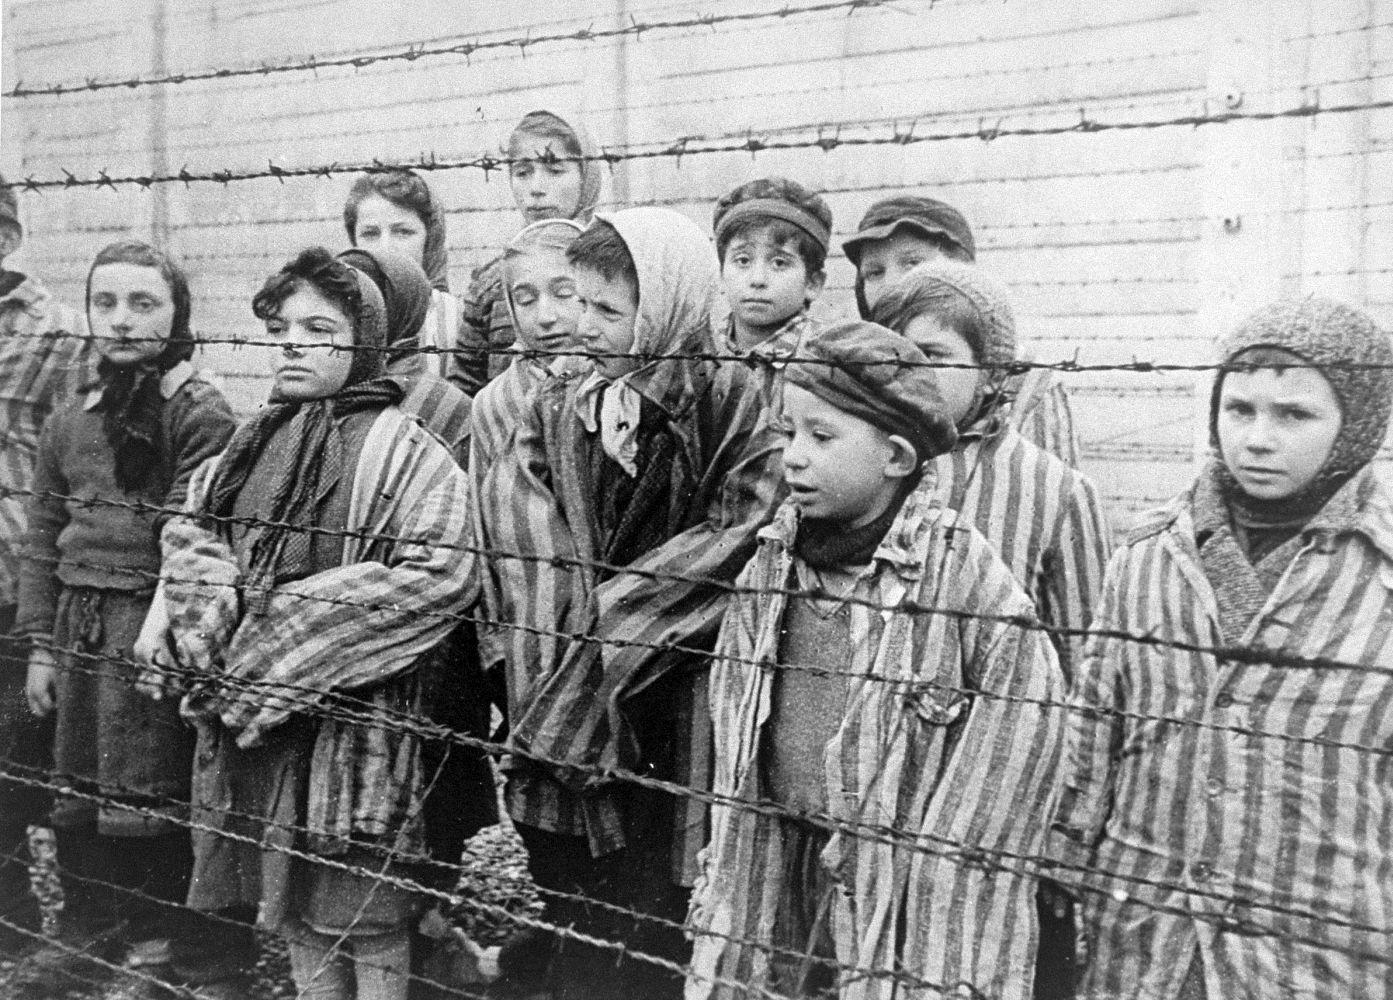 Auch Kinder wurden in der Fabrik zur Menschenvernichtung nicht geschont.